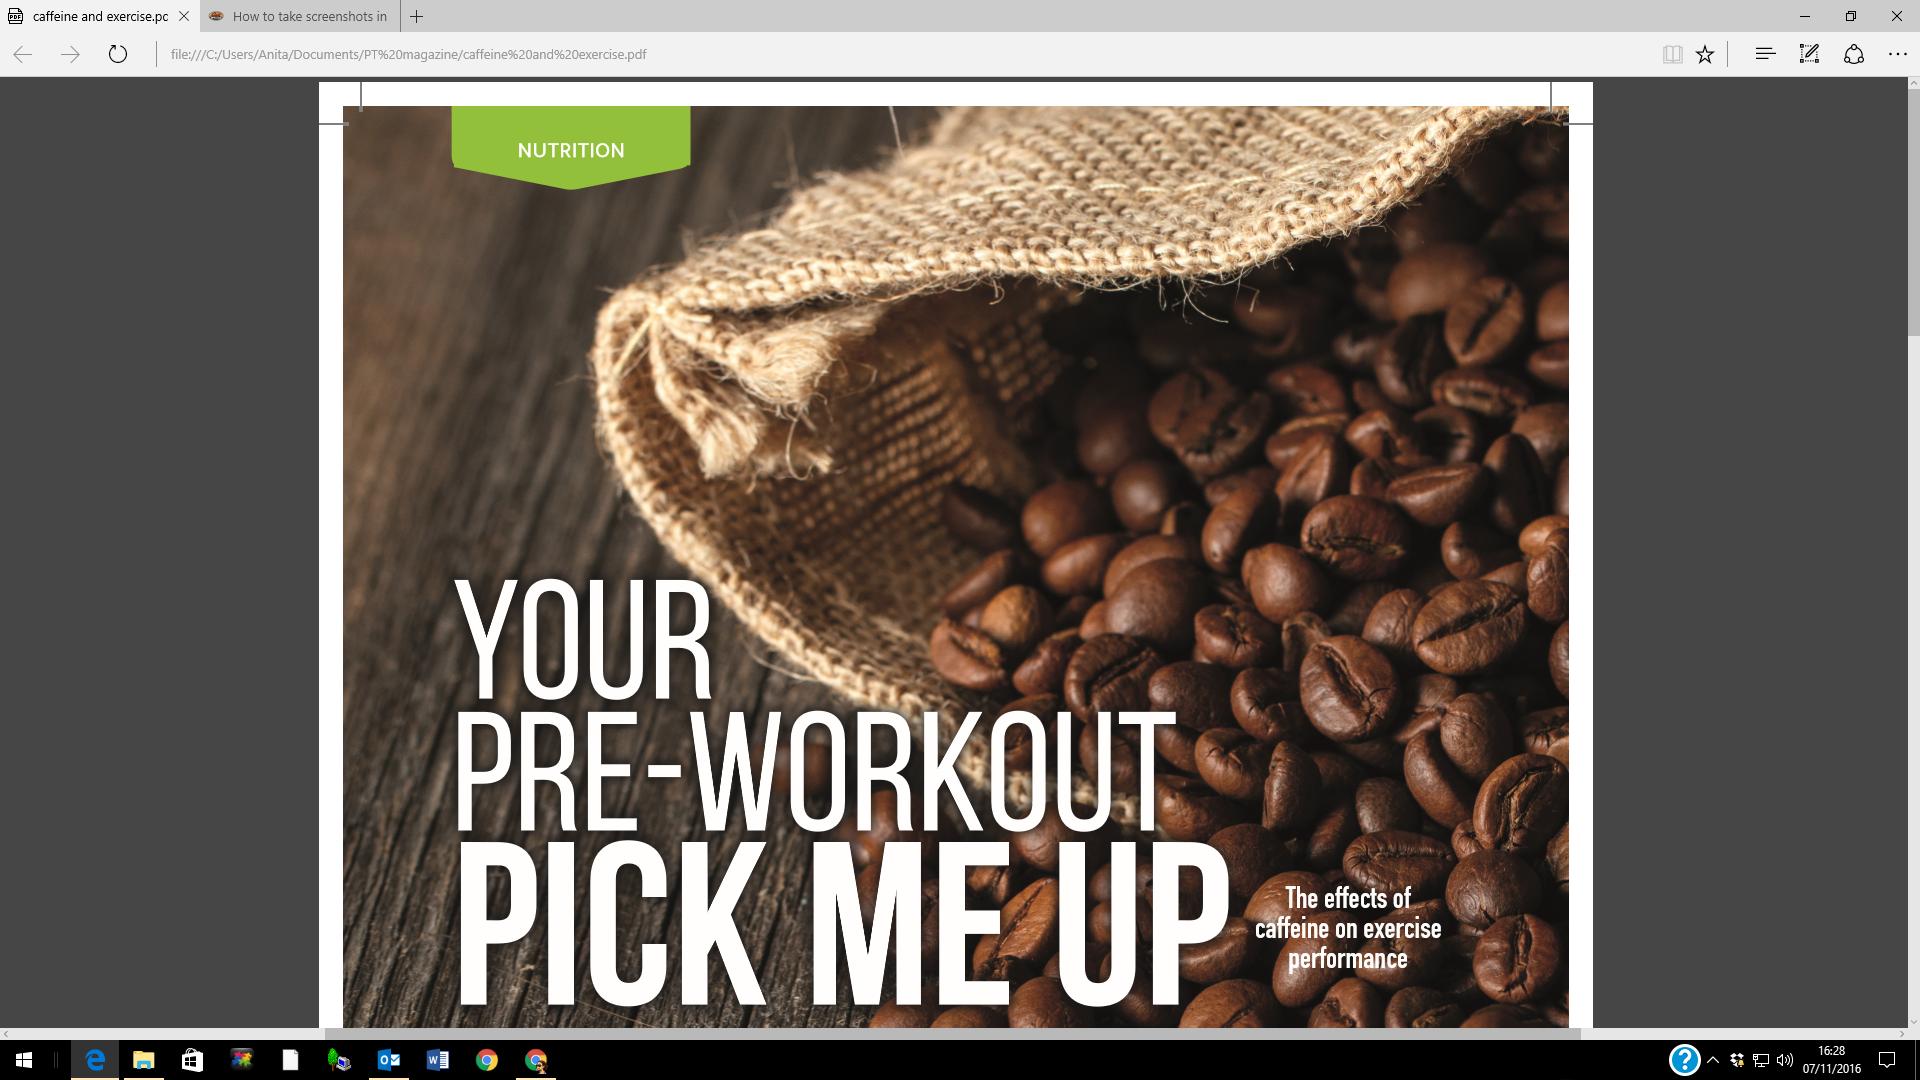 Pre-workout pick me up, Nov 2016